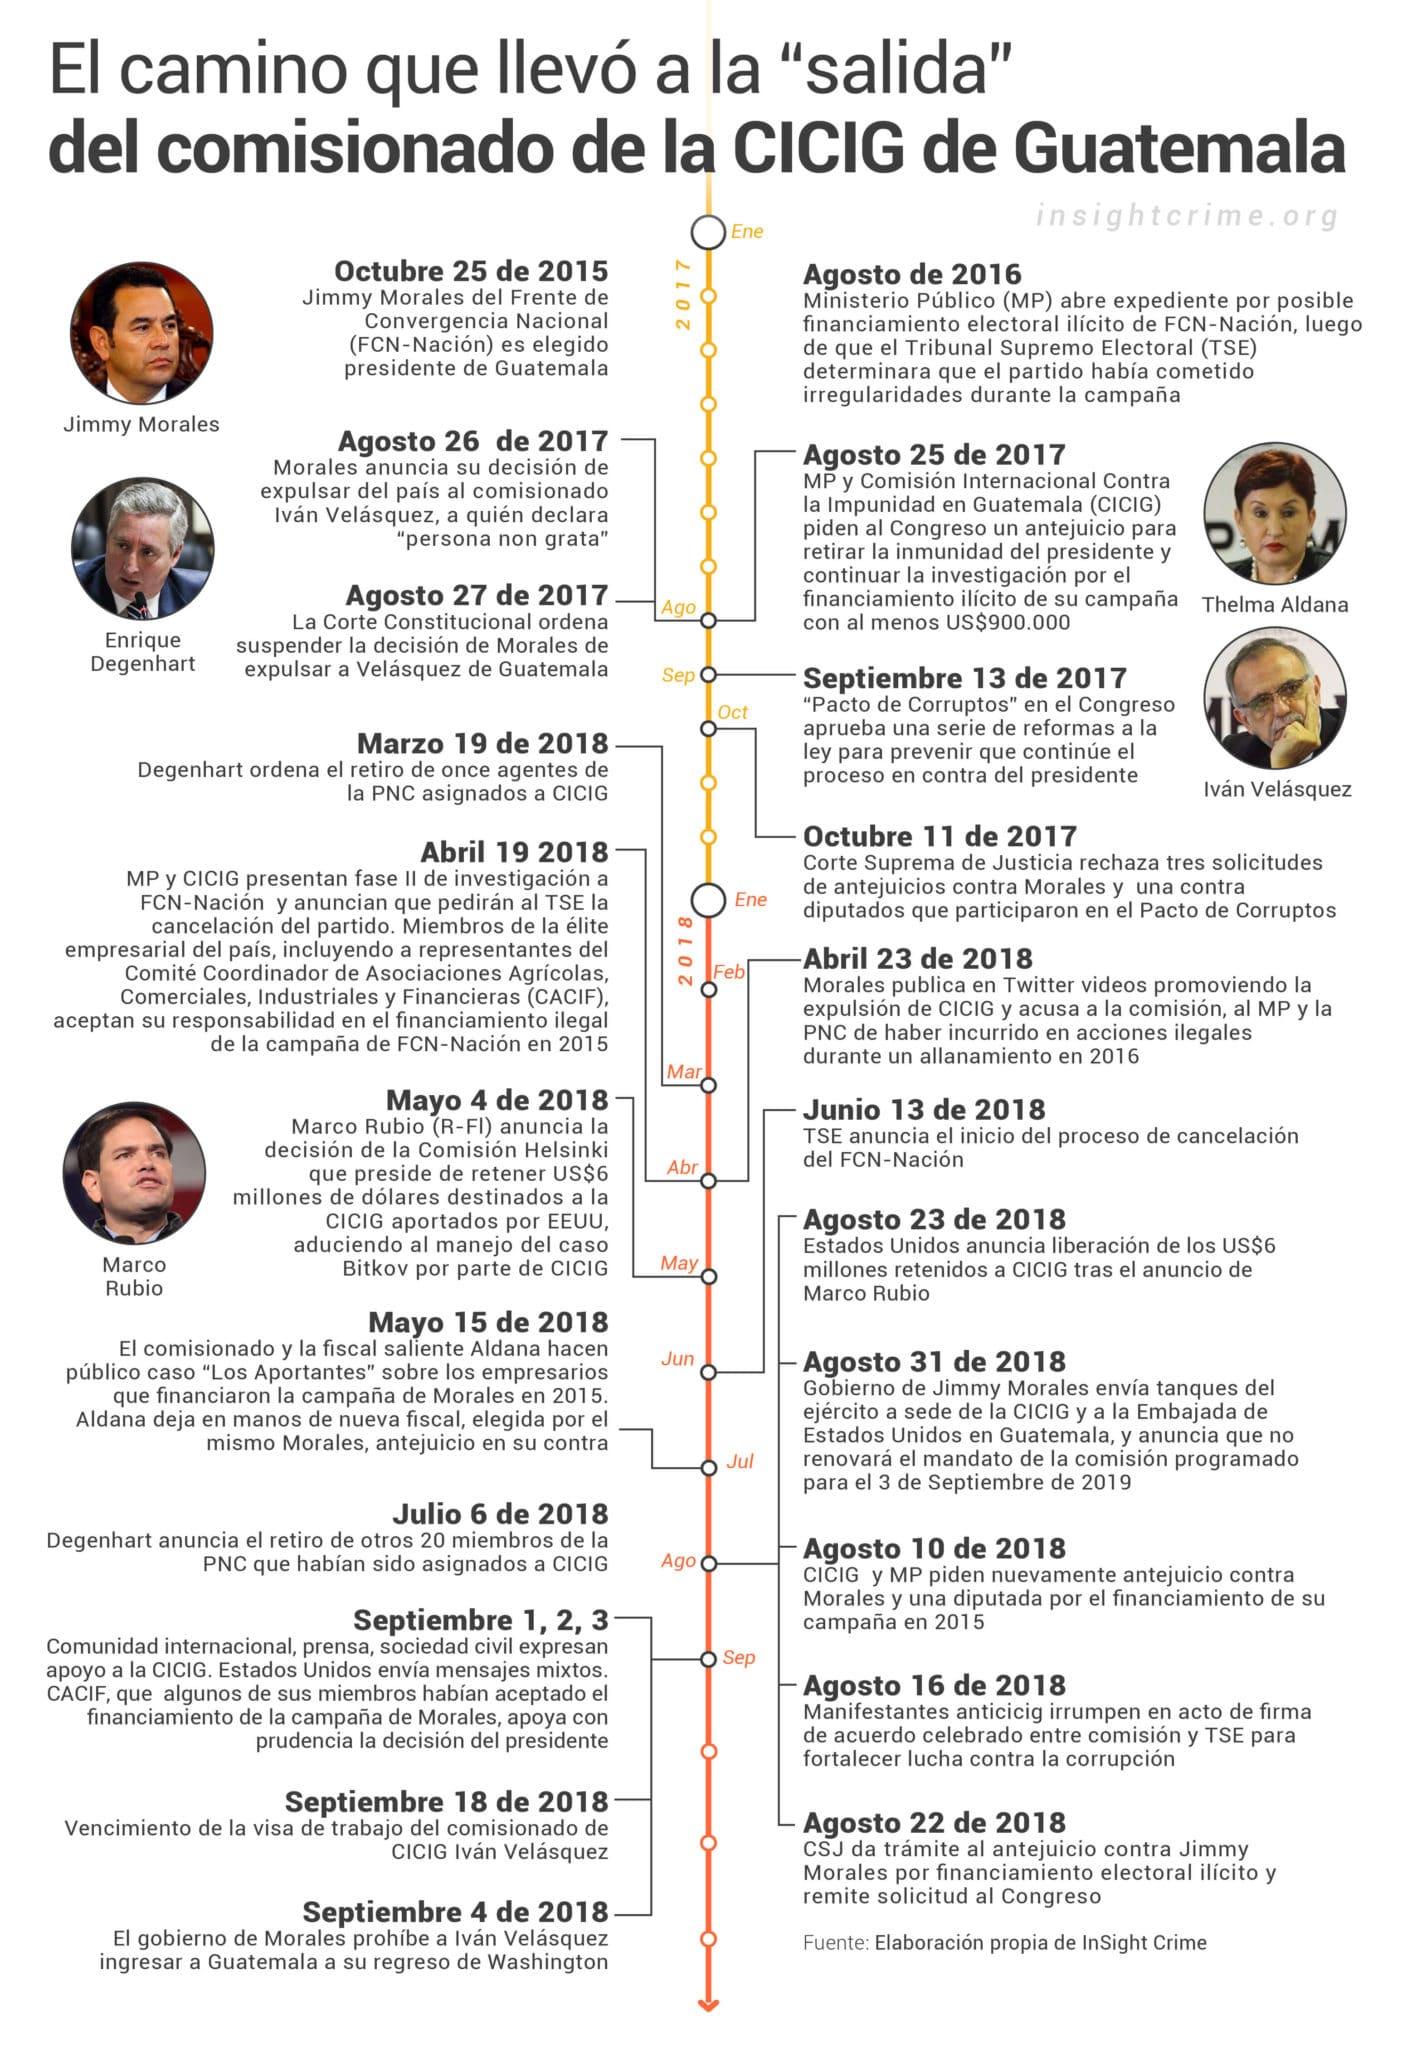 Cronología de la confrontación entre el presidente de Guatemala Jimmy Morales y el comisionado de la CICIG Iván Velásquez